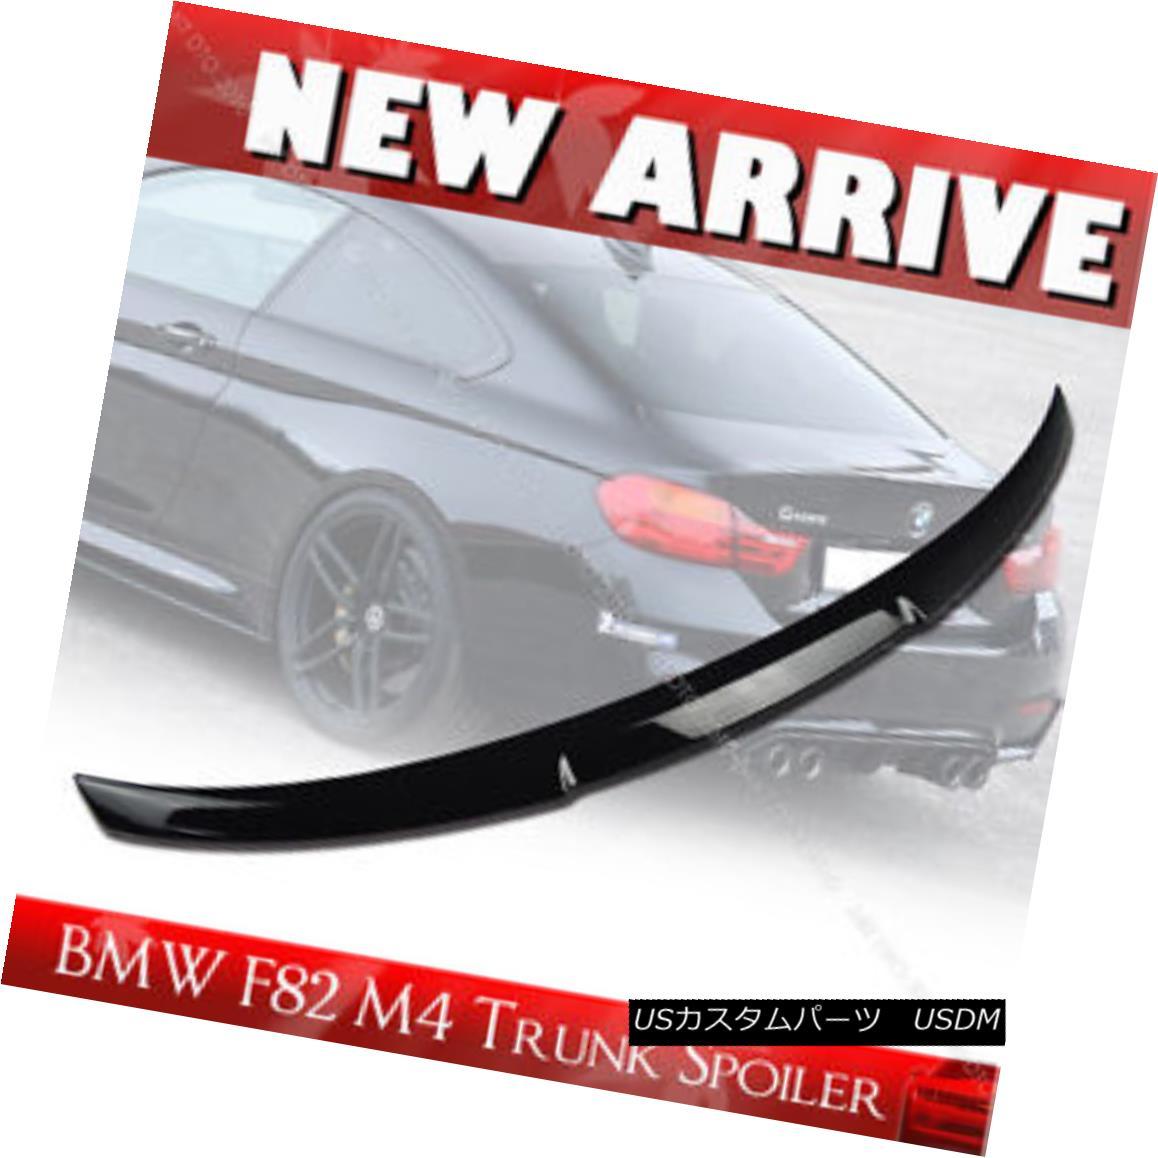 エアロパーツ Painted #668 BMW 4-Series F82 M4 Rear Trunk Spoiler ABS 2DR ペイント#668 BMW 4シリーズF82 M4リアトランクスポイラーABS 2DR